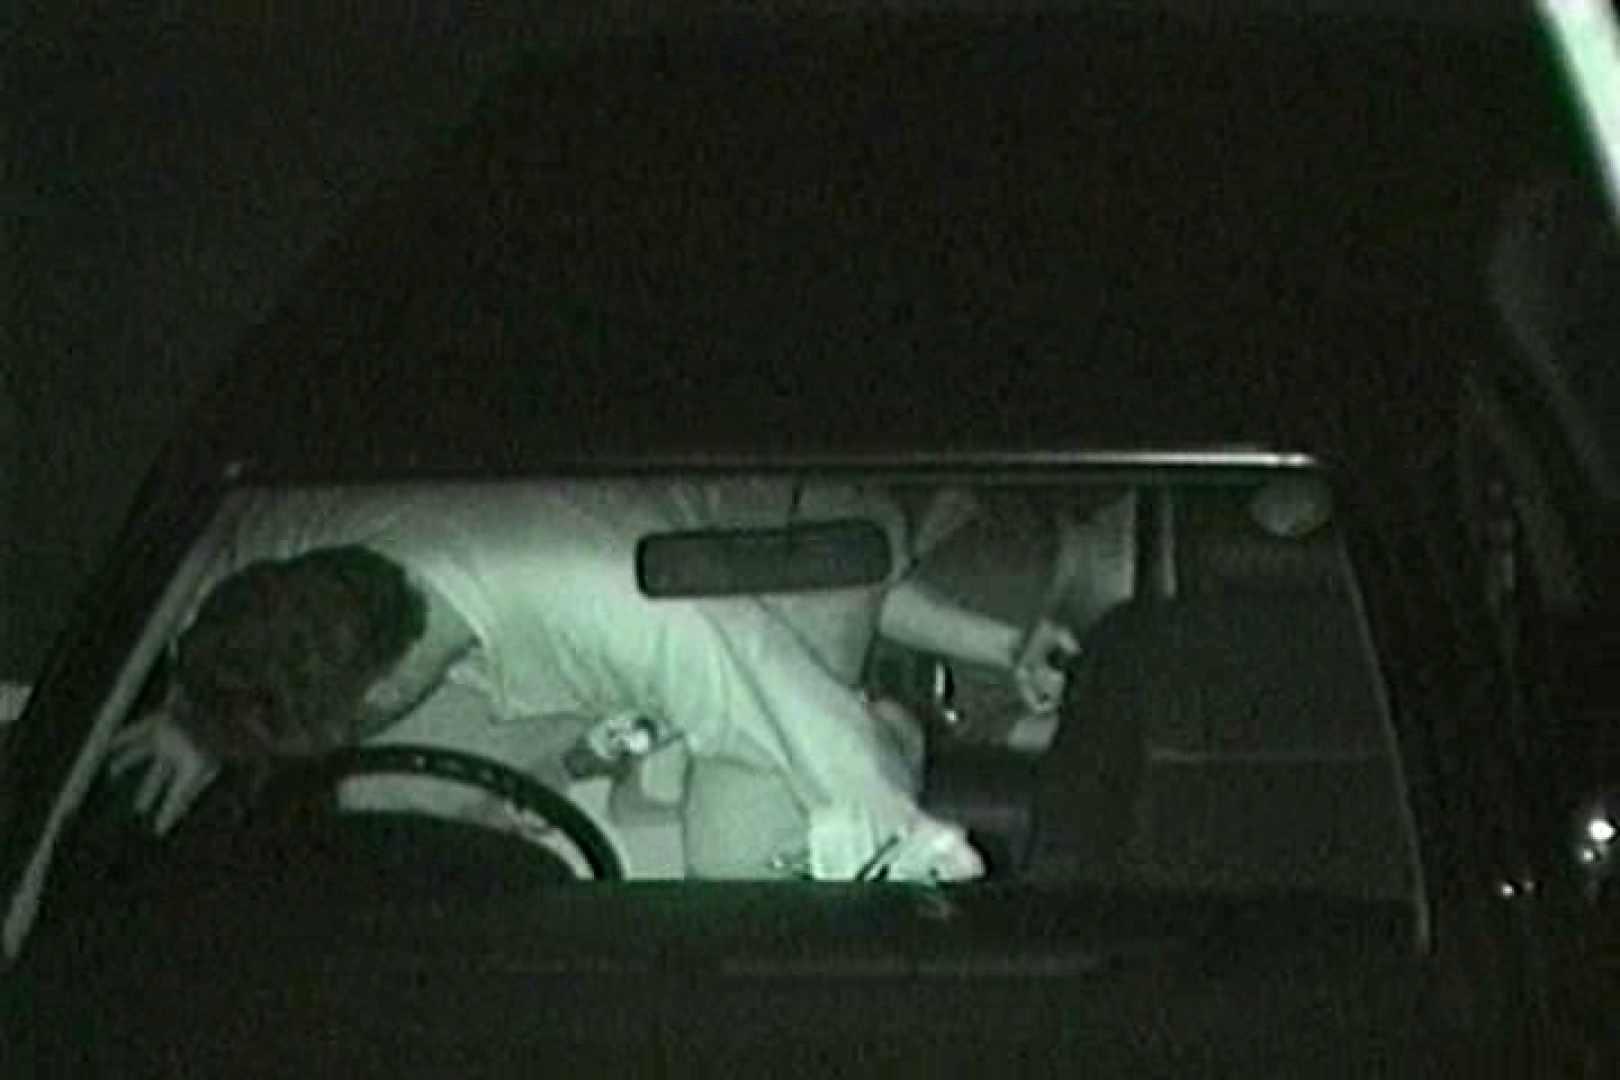 車の中はラブホテル 無修正版  Vol.8 濃厚セックス 盗撮動画紹介 108PICs 99